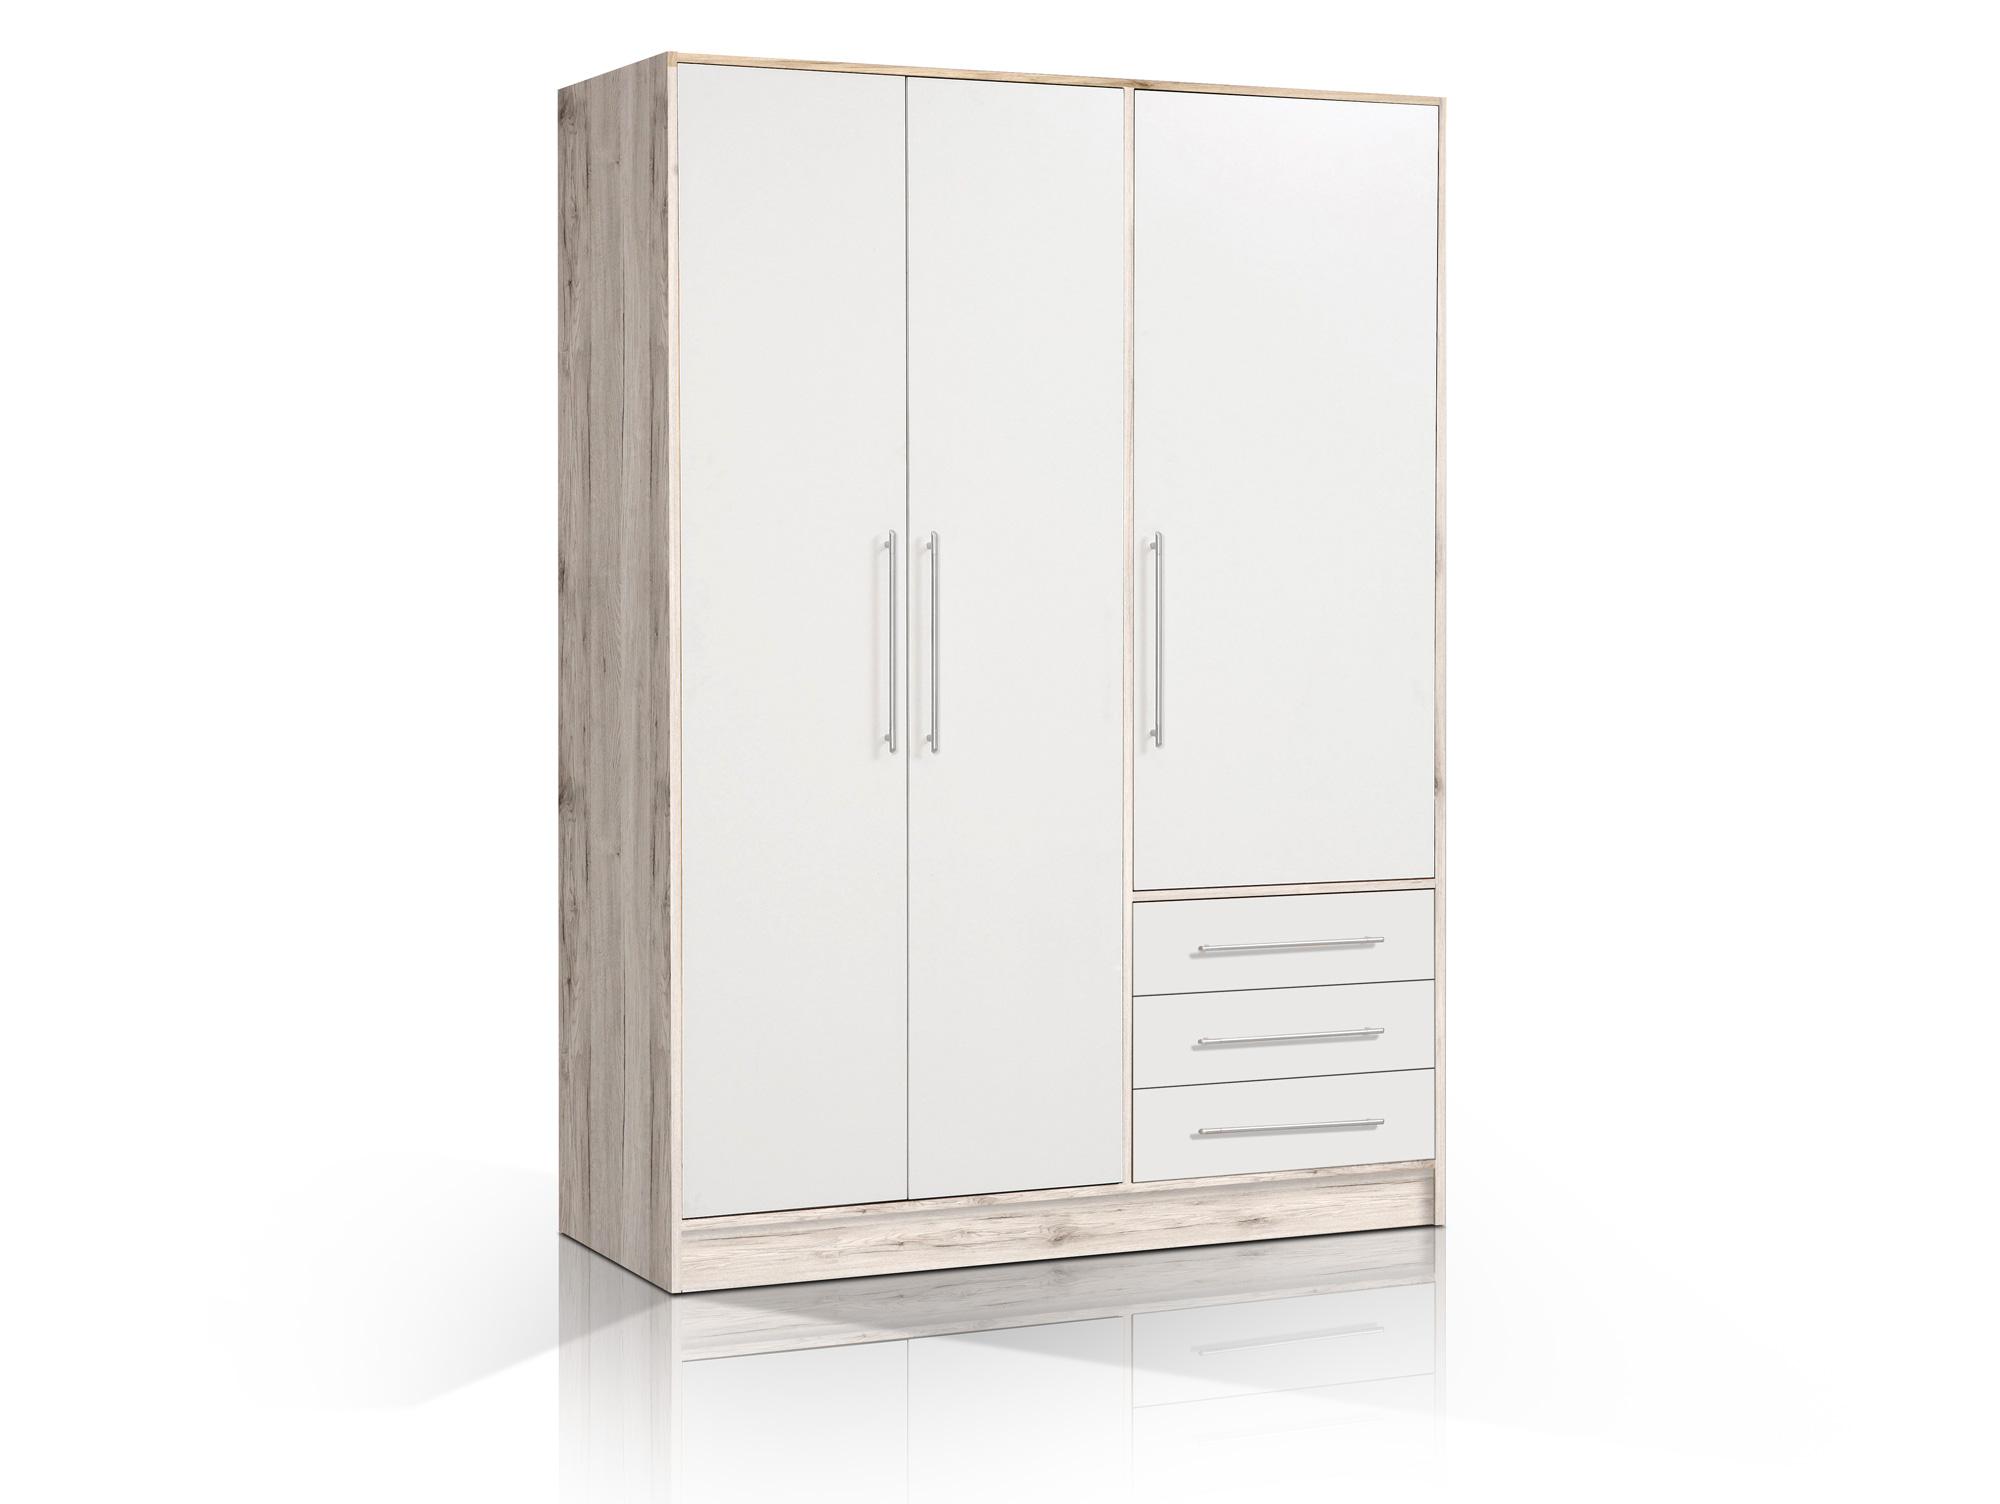 jasmin kleiderschrank 3trg 3 sk sandeiche wei. Black Bedroom Furniture Sets. Home Design Ideas